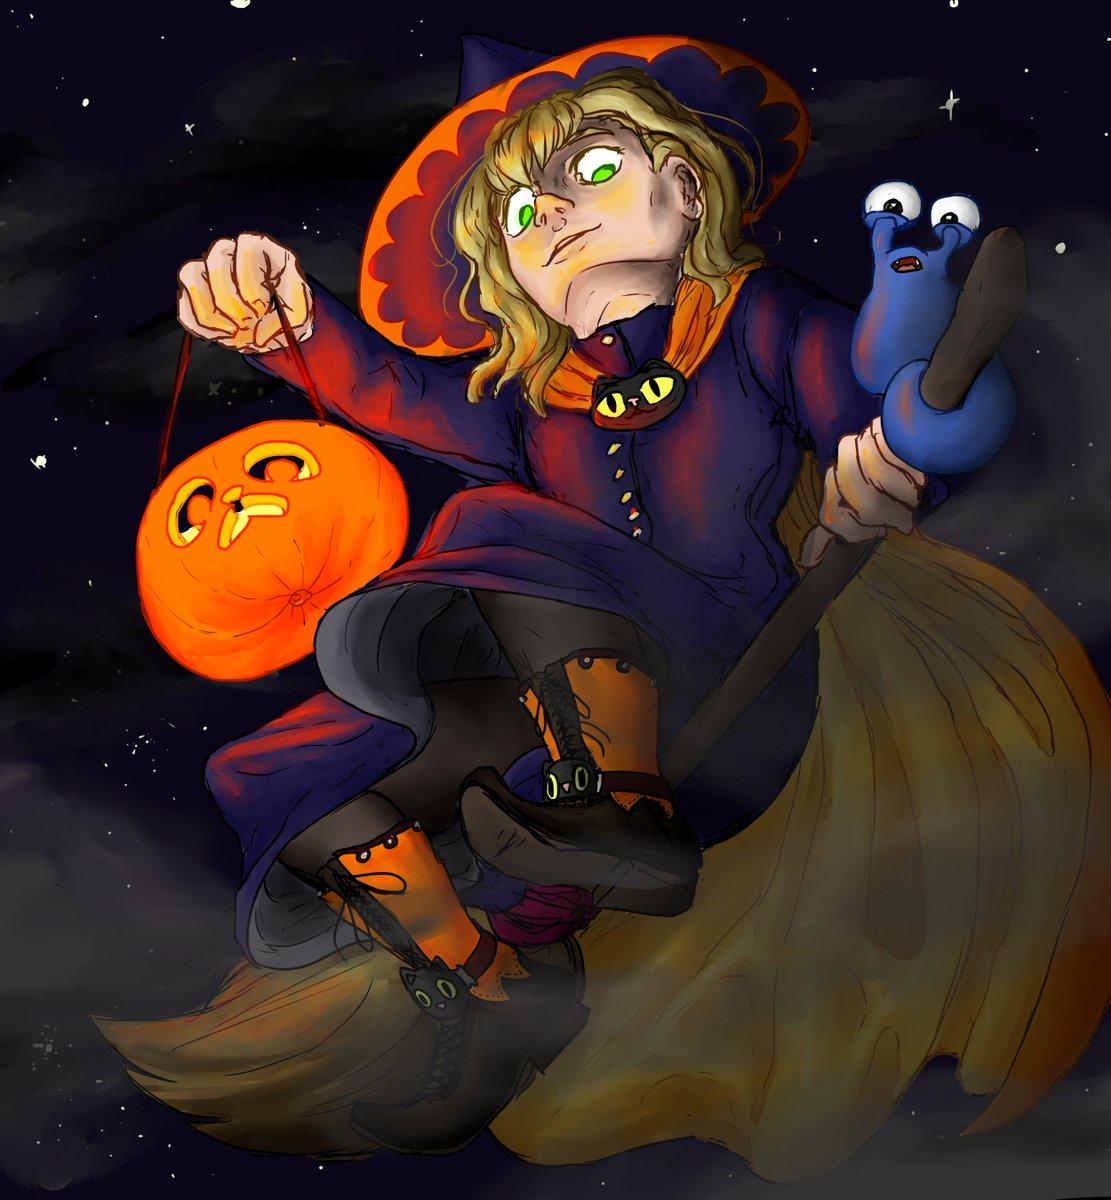 Weil bald Halloween ist (JA! Fight me! >:C) gibt es hier @maudado als gruuuselige Hexe auf einem Besen >:D